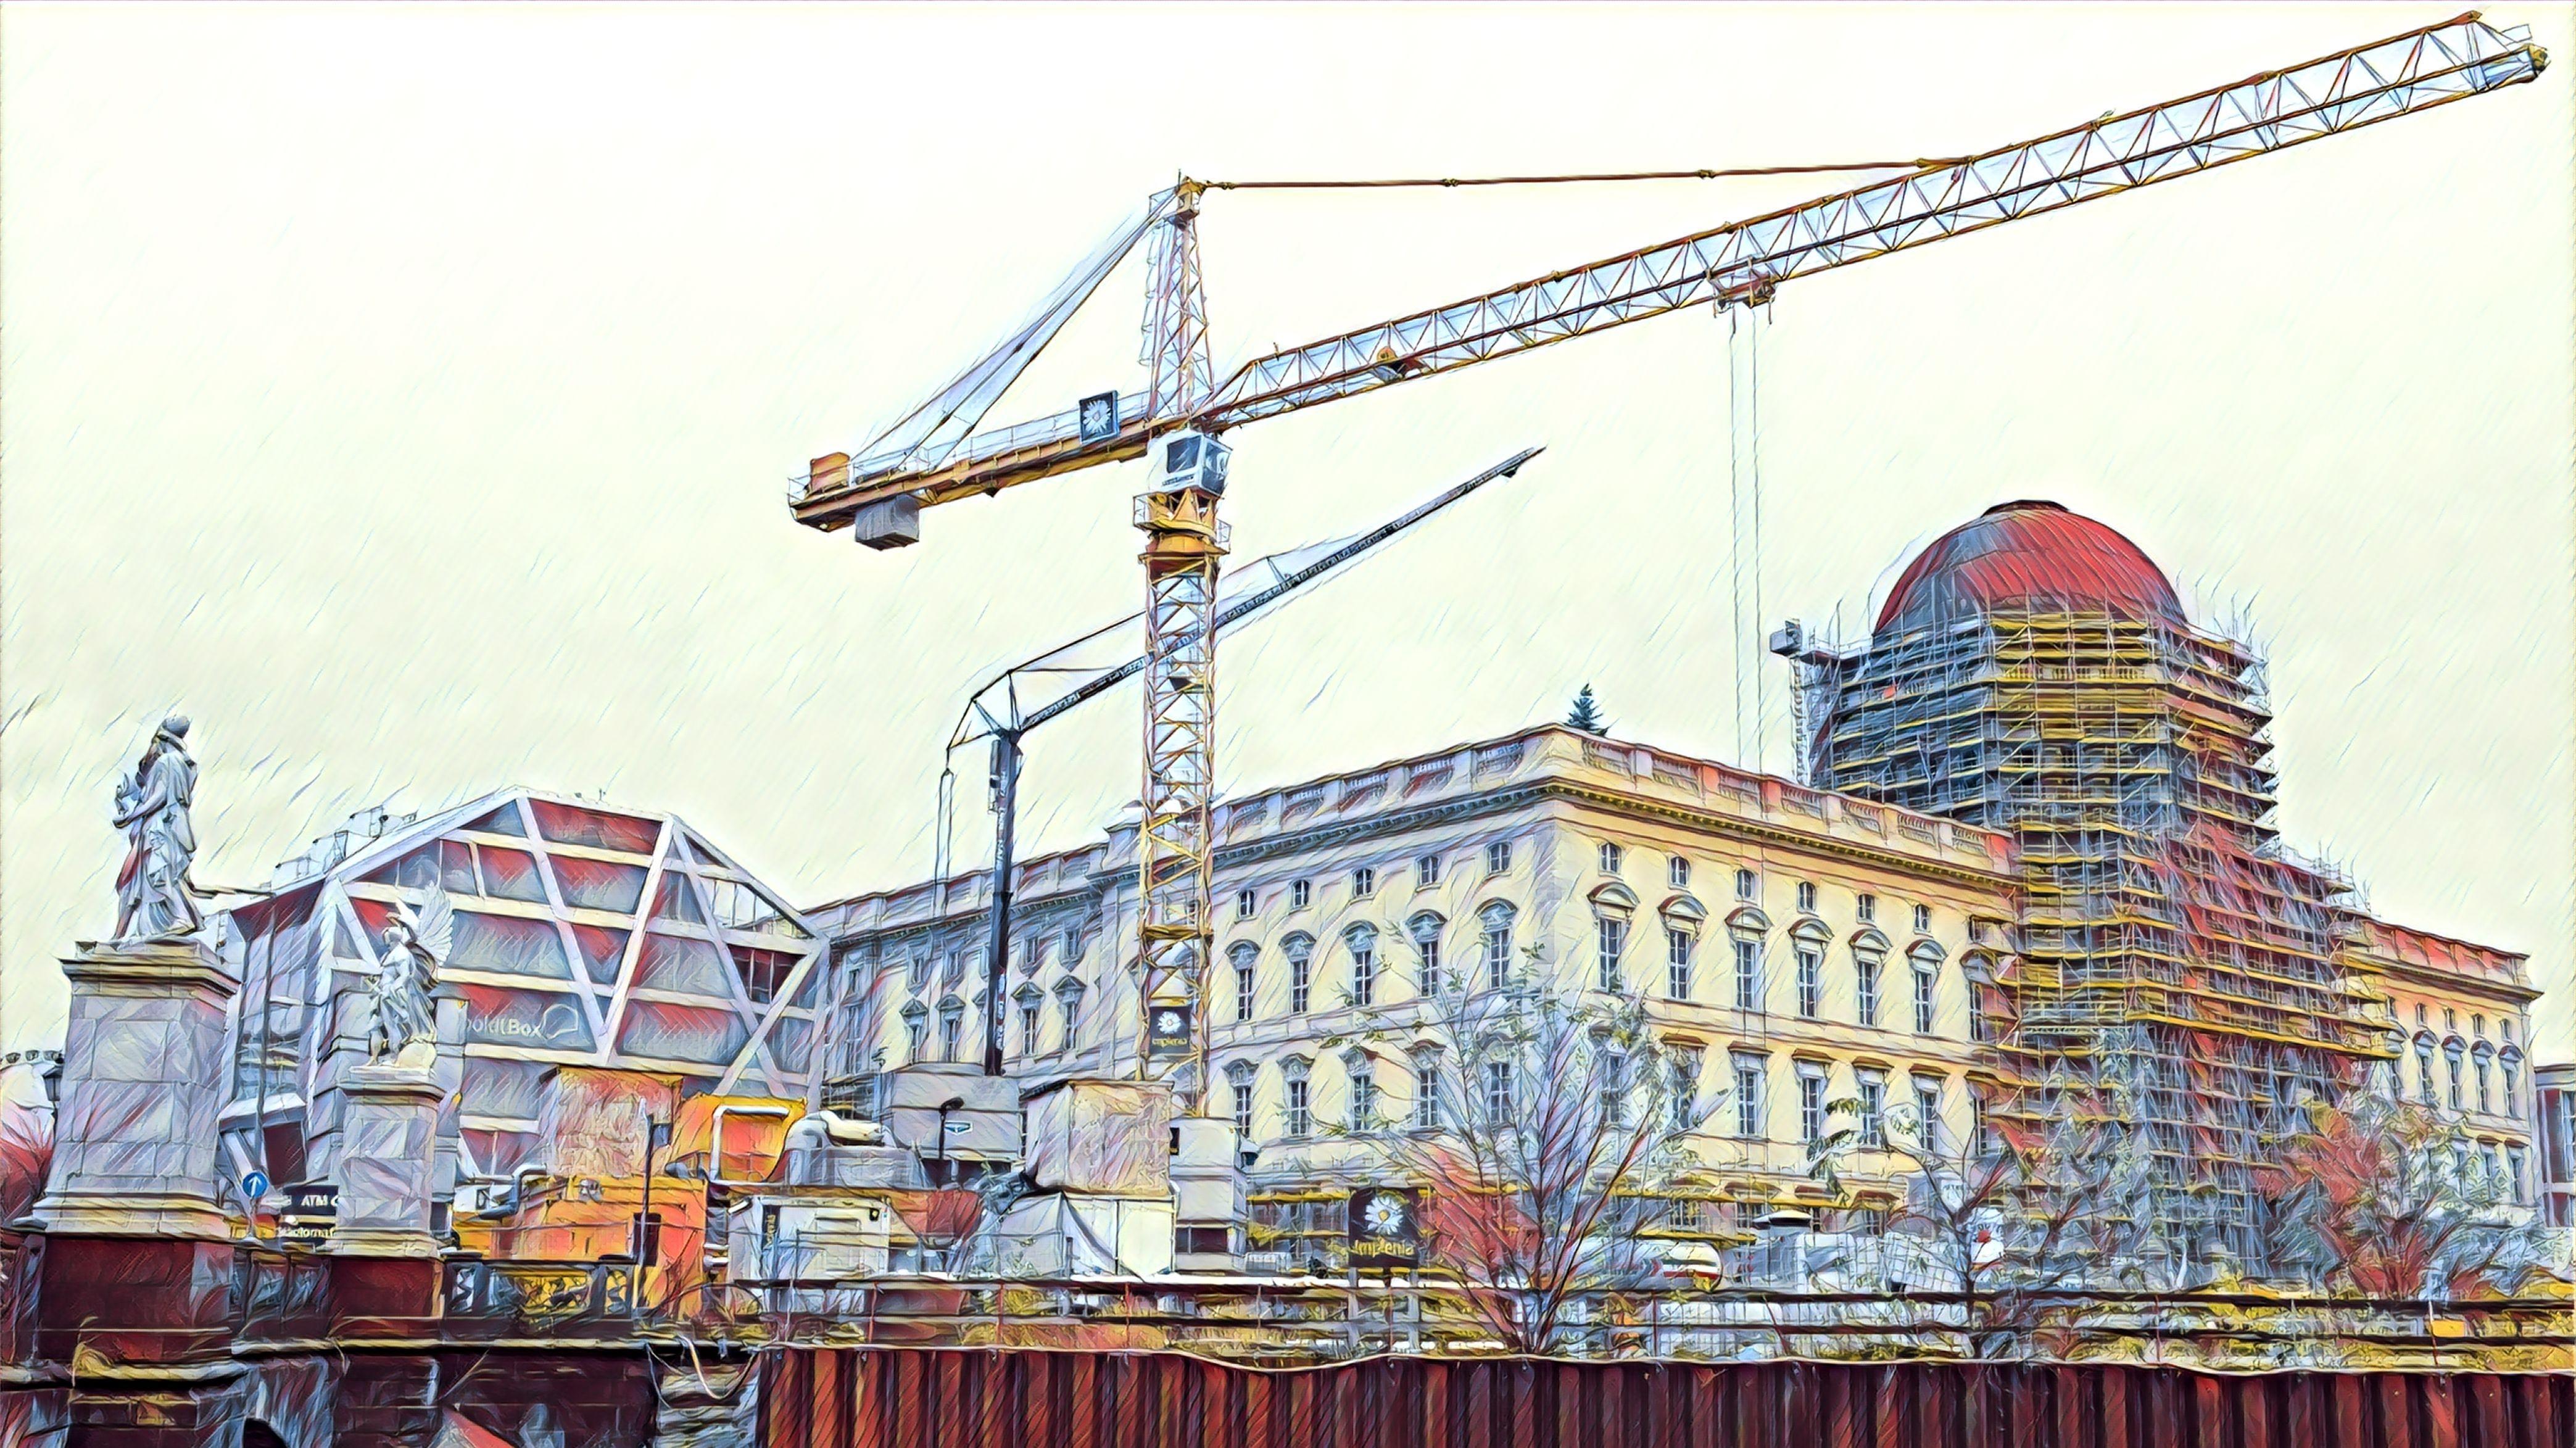 Die Fassaden des Humboldt Forums sind fast fertig gestellt. Nur der Bereich um den künftigen Haupteingang ist noch eingerüstet.